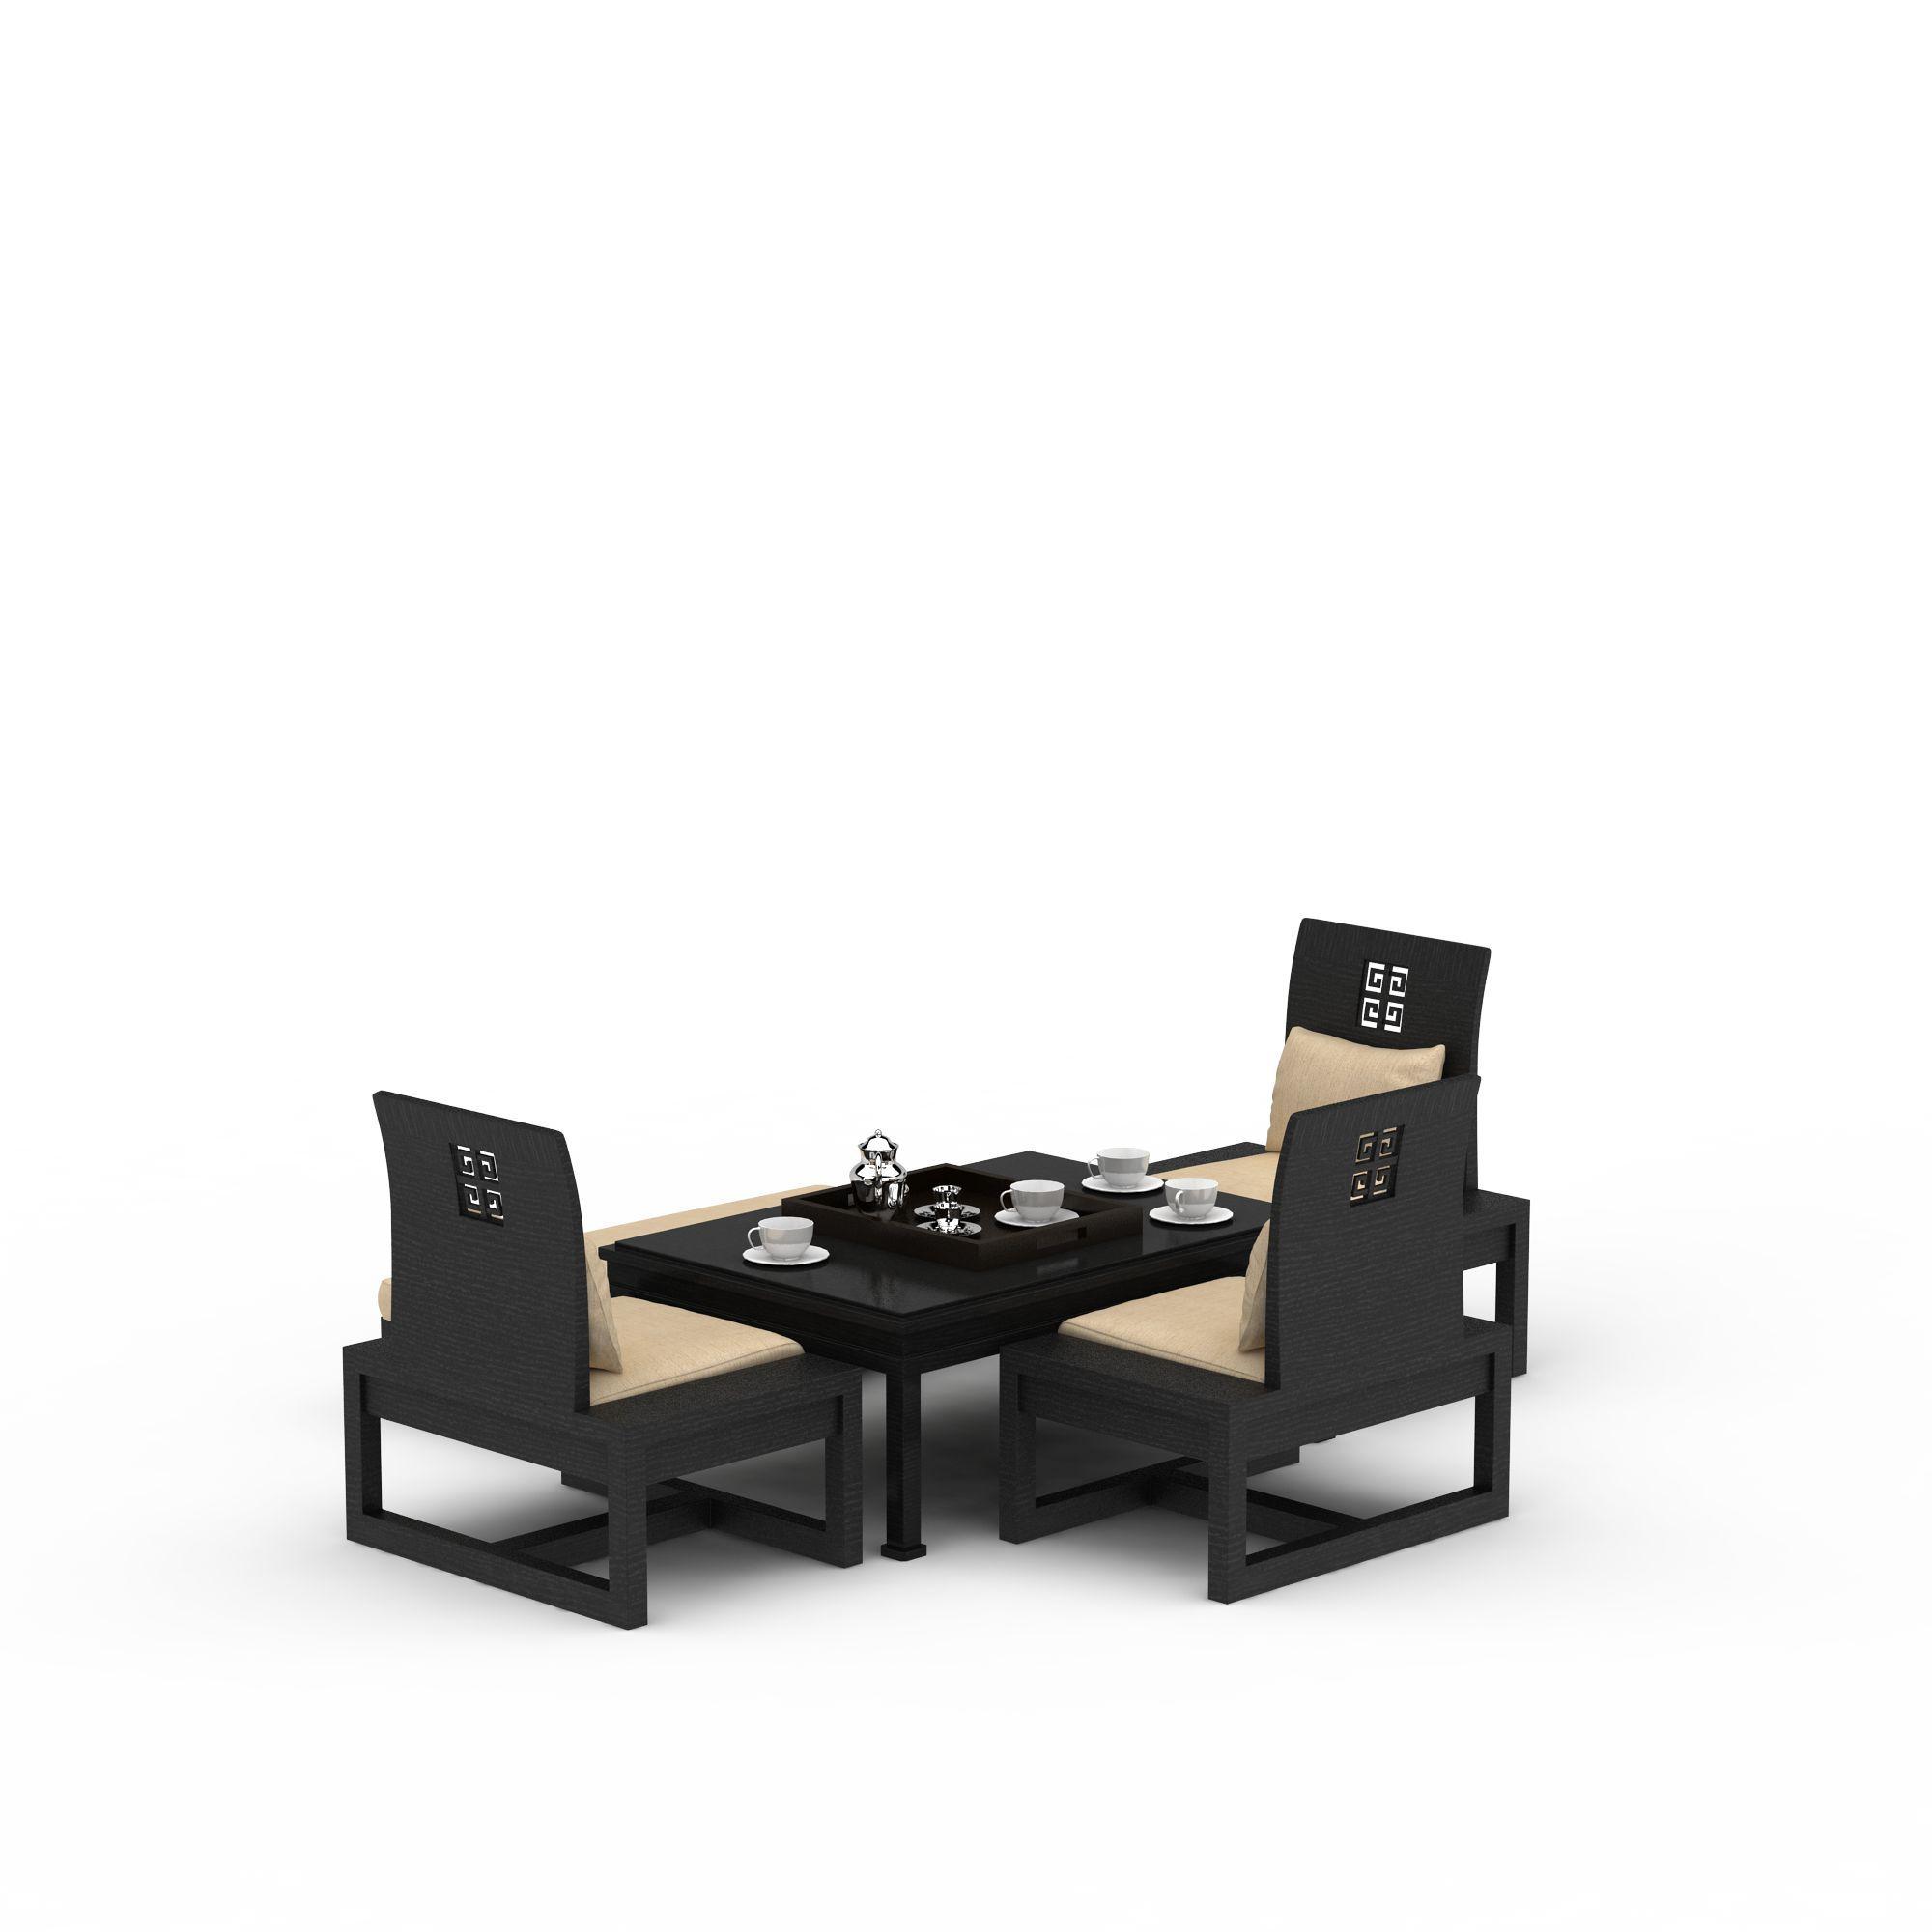 现代 上传时间 2016/02/18  关键词:新中式沙发3d模型新中式沙发茶几